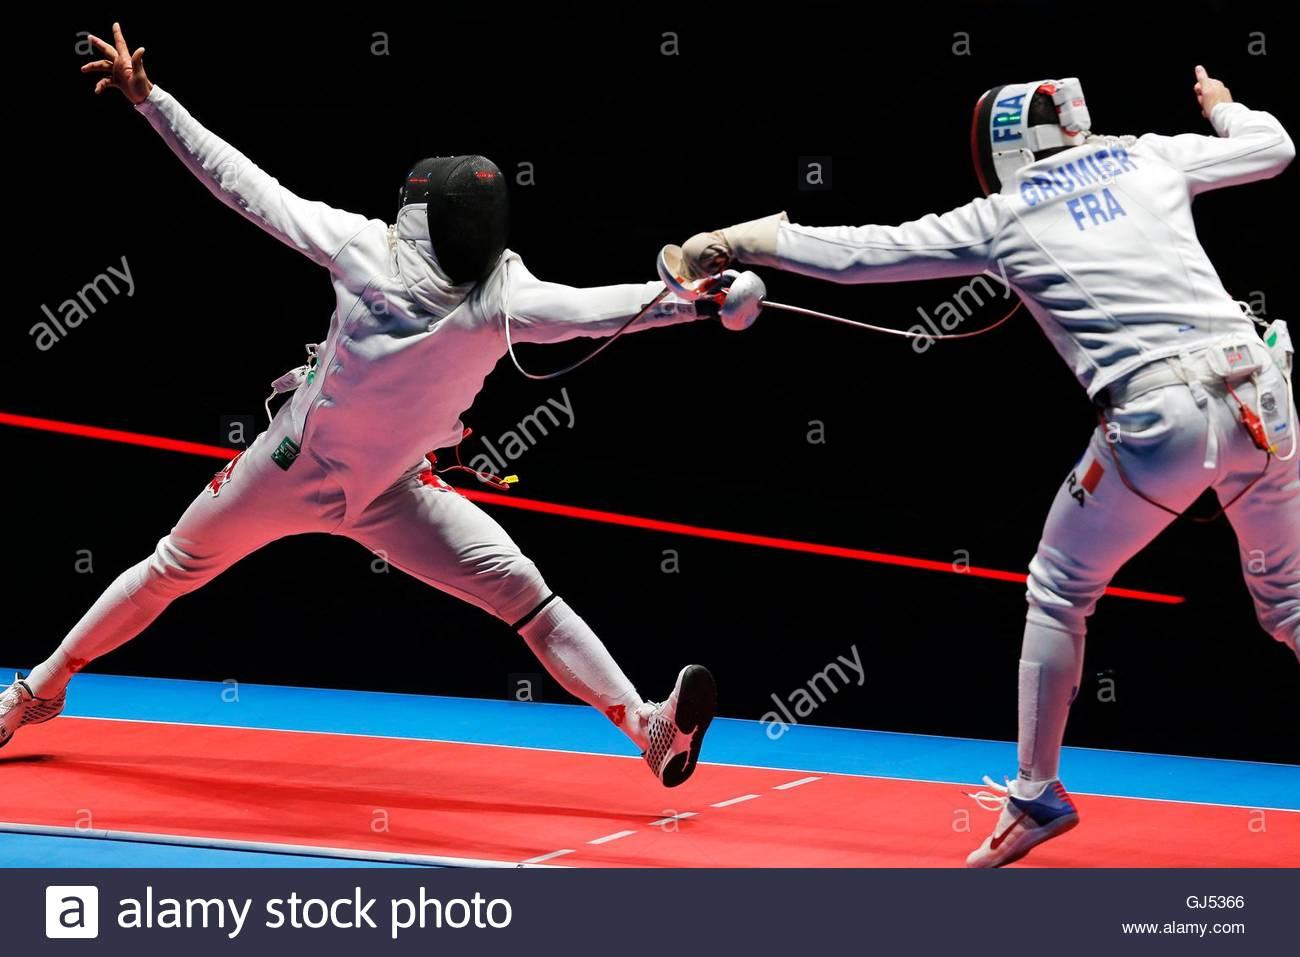 adidas patinando fencing shoes